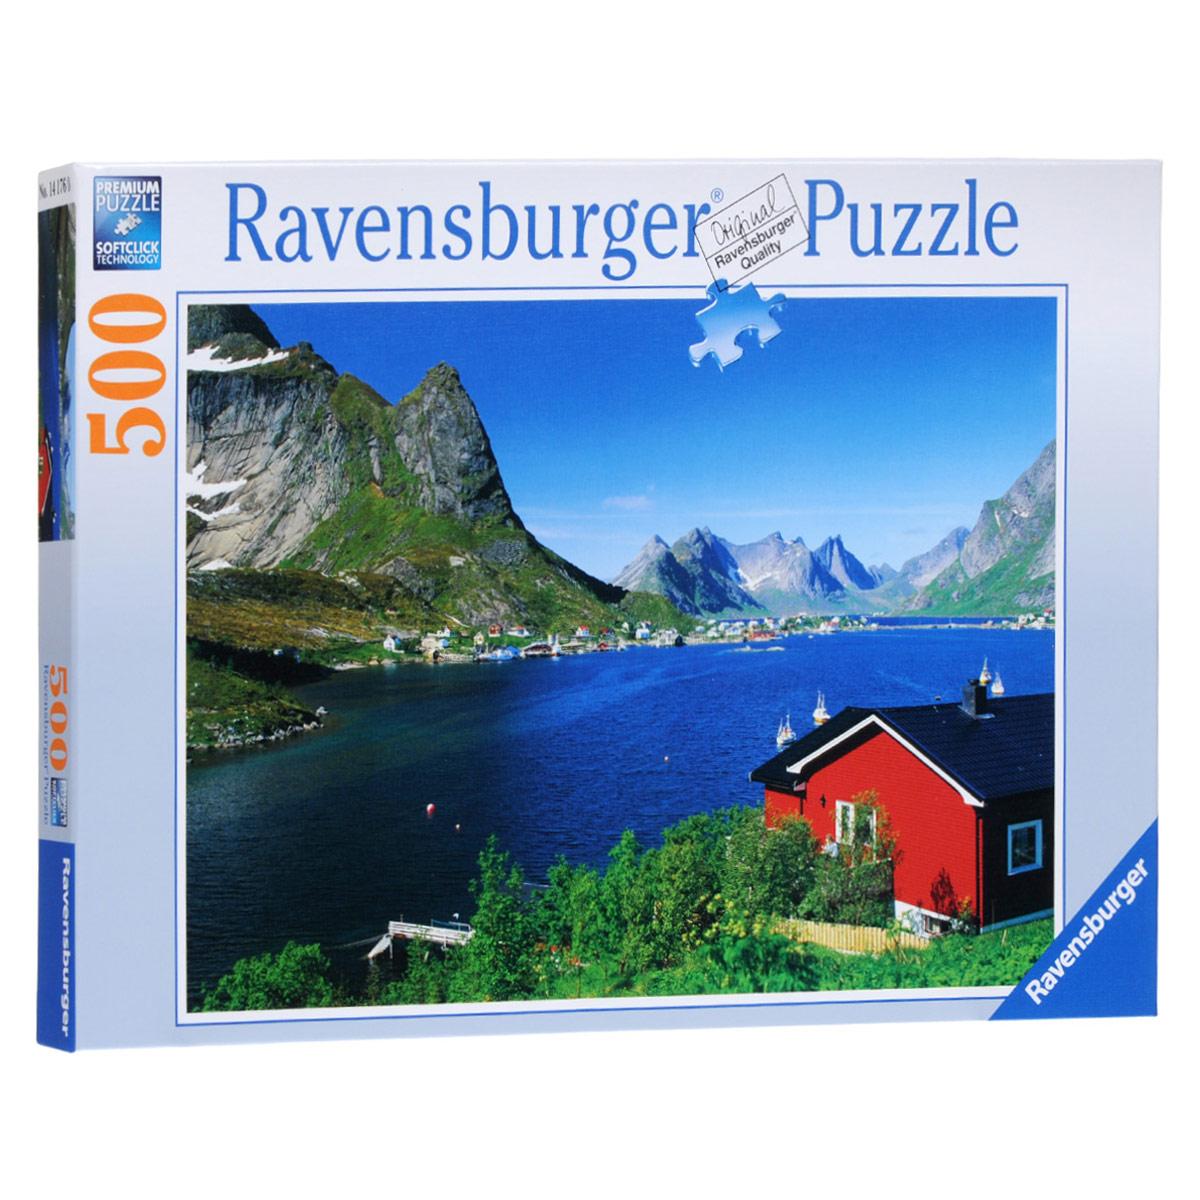 Ravensburger Норвежский фьорд. Пазл, 500 элементов14176Пазл Ravensburger Норвежский фьорд, без сомнения, придется по душе вам и вашему малышу. Собрав этот пазл, включающий в себя 500 элементов, вы получите великолепную картину с изображением живописного норвежского фьорда. На картинке можно увидеть красный домик, который стоит на берегу фьорда, на фоне высоких гор. Пазл изготовлен по технологии Softclick, которая гарантирует 100% блокировку механизма. Каждая деталь имеет свою форму и подходит только на своё место. Нет двух одинаковых деталей! Пазл изготовлен из картона высочайшего качества. Все изображения аккуратно отсканированы и напечатаны на ламинированной бумаге. Пазл - великолепная игра для семейного досуга. Сегодня собирание пазлов стало особенно популярным, главным образом, благодаря своей многообразной тематике, способной удовлетворить самый взыскательный вкус. А для детей это не только интересно, но и полезно. Собирание пазла развивает мелкую моторику у ребенка, тренирует наблюдательность, логическое мышление,...